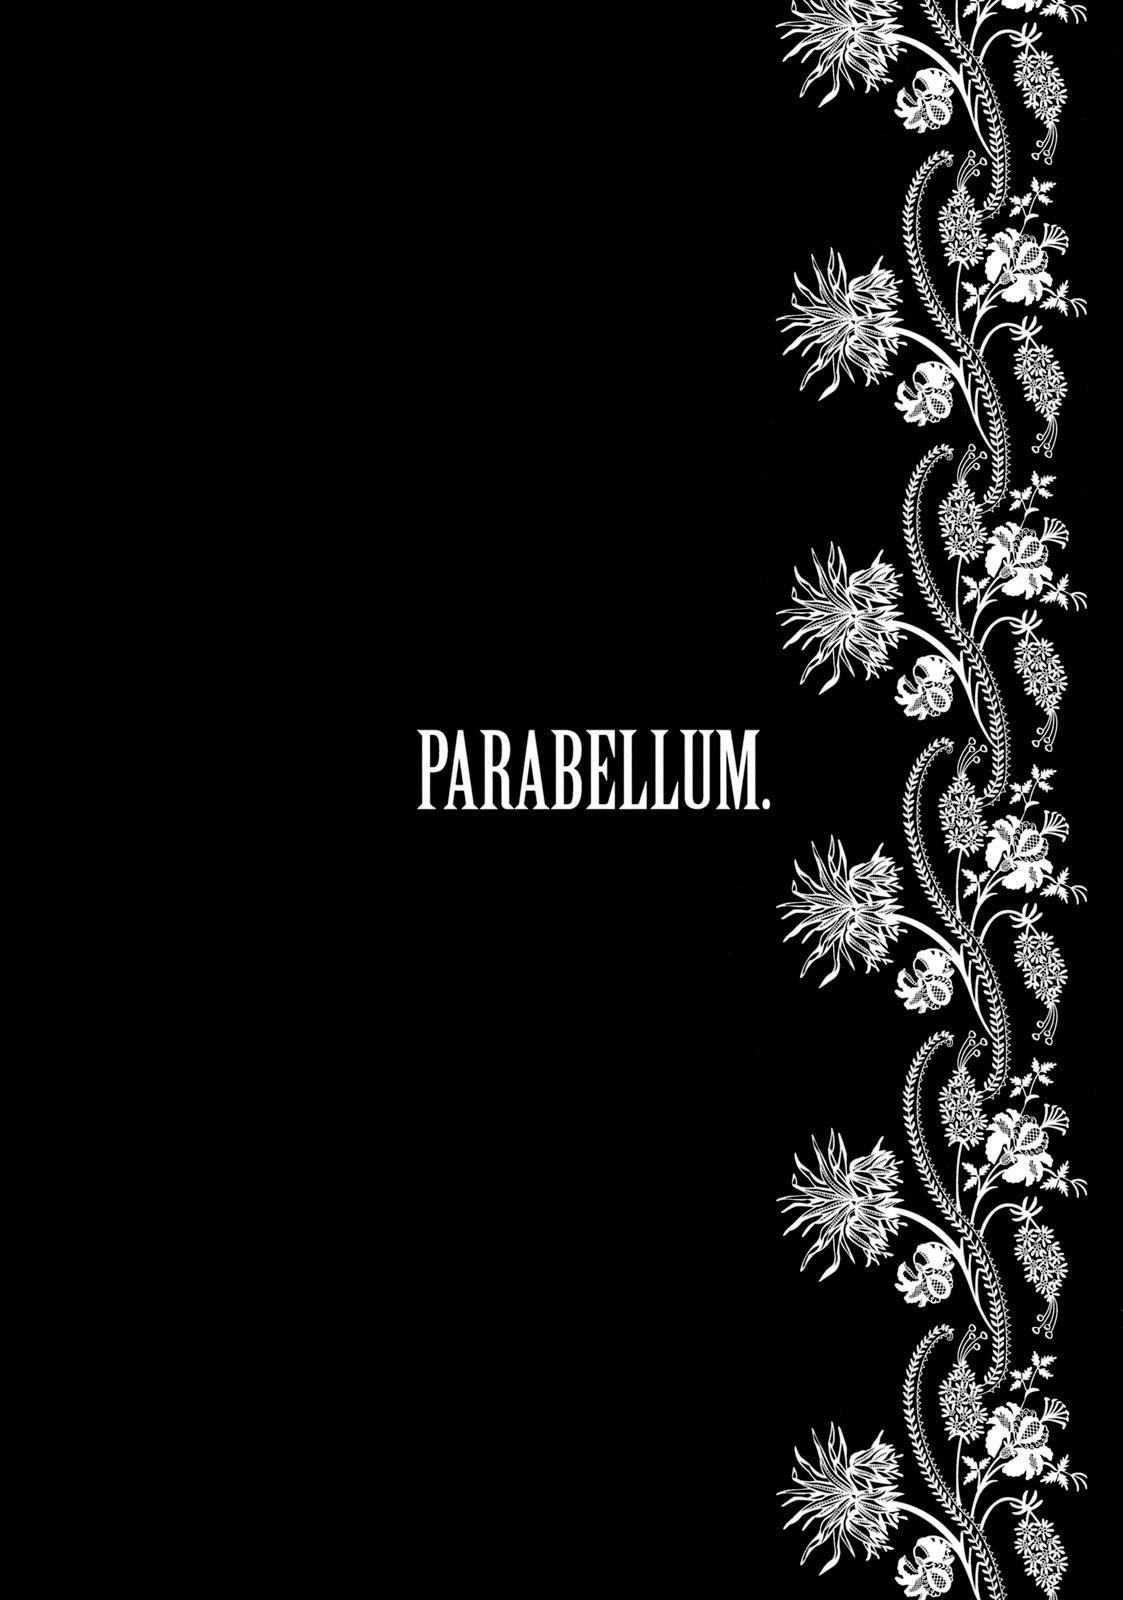 Parabellum 2